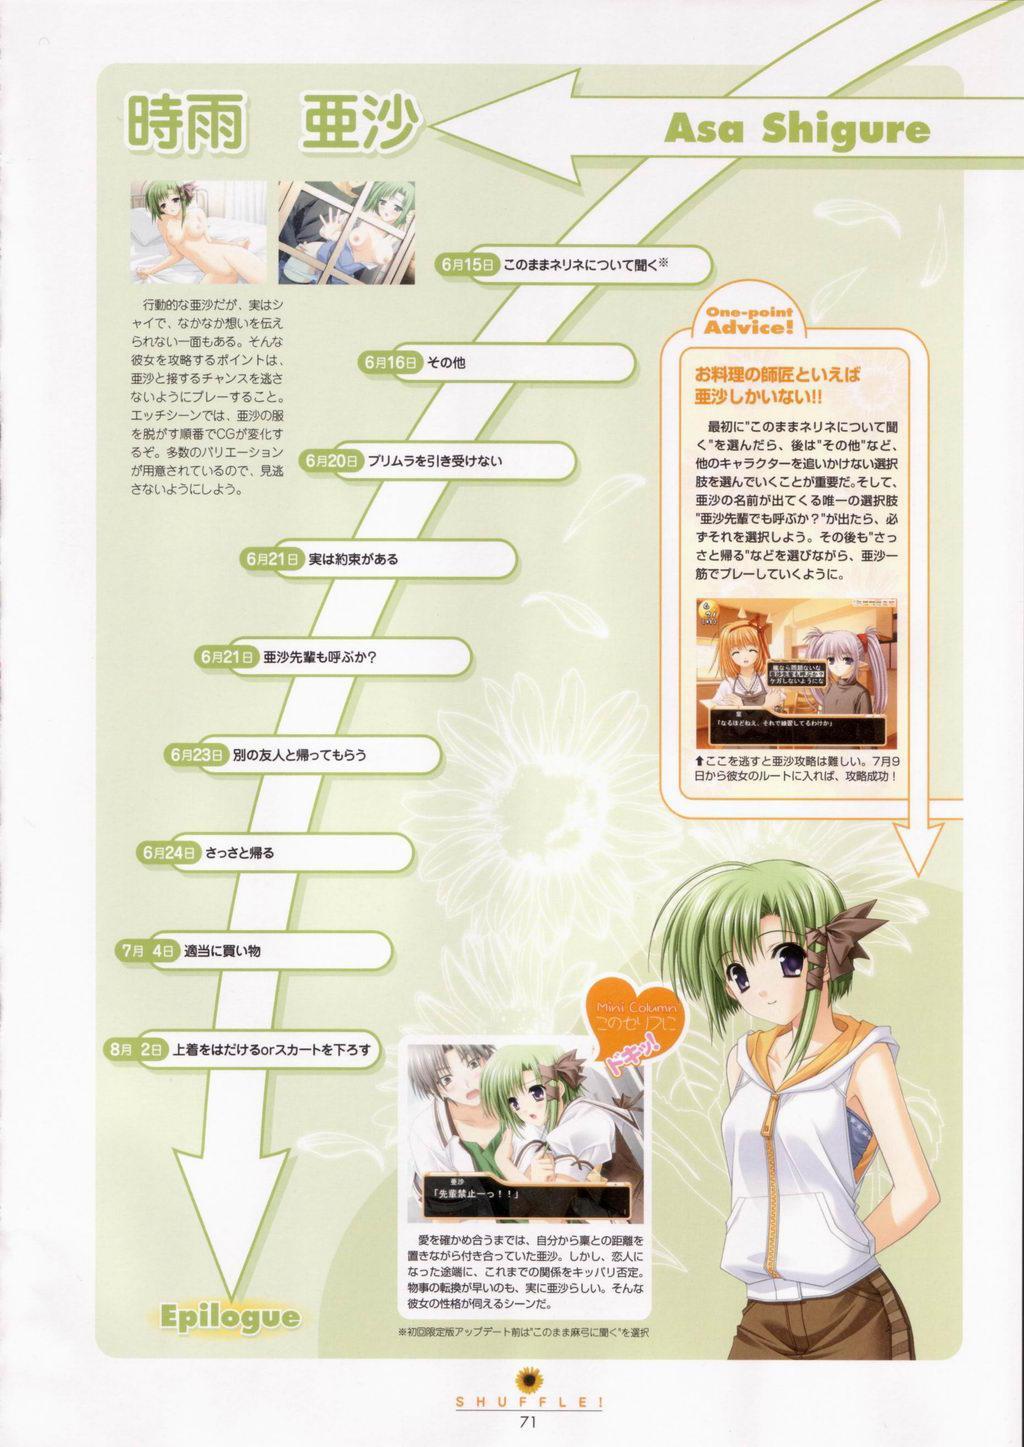 SHUFFLE! Visual Fan Book 71